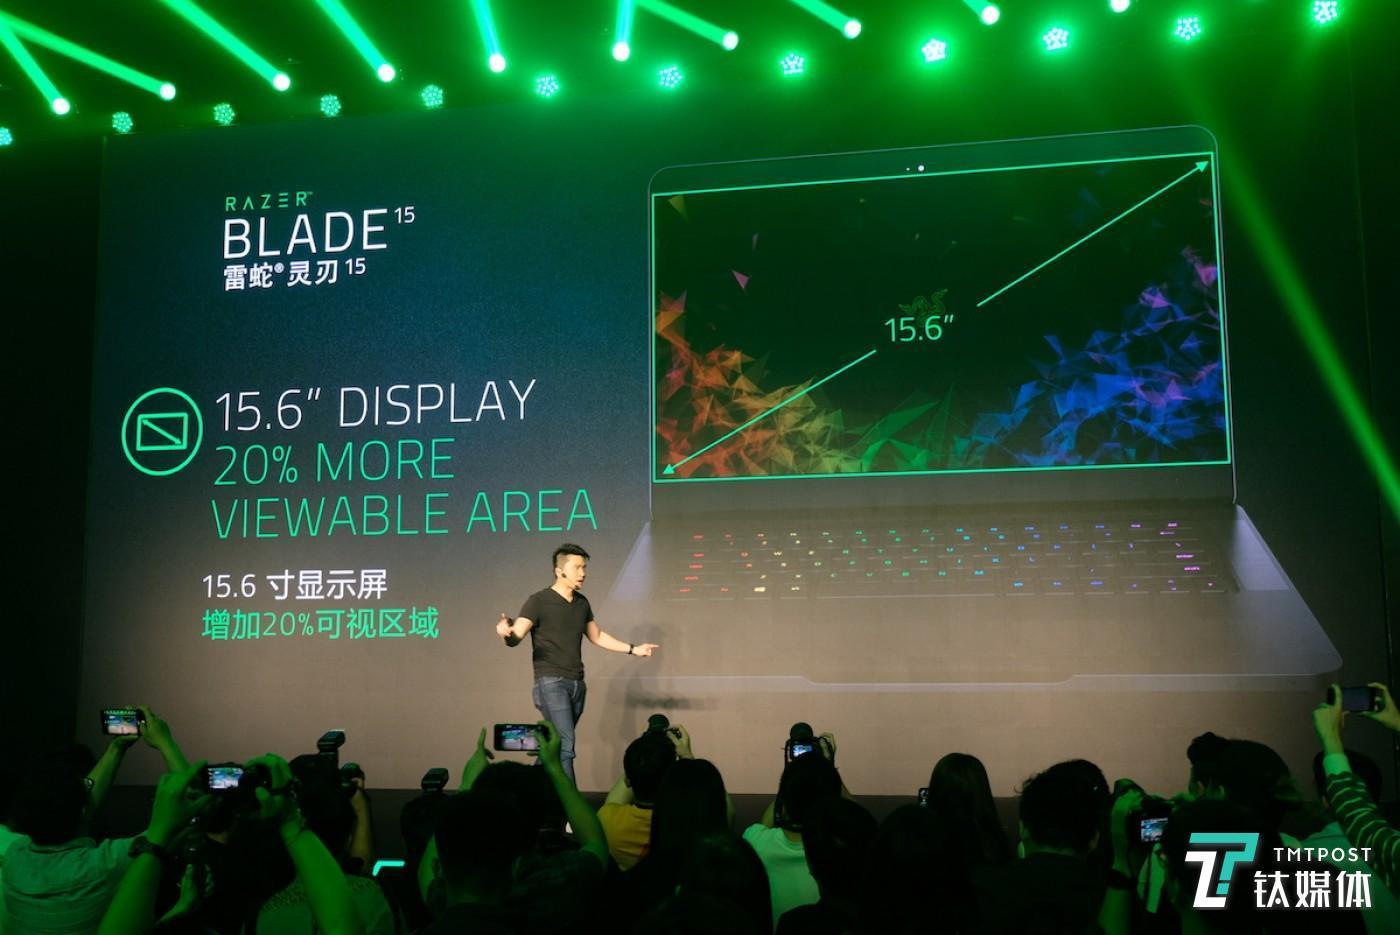 陈明亮展示 Razer Blade 屏幕